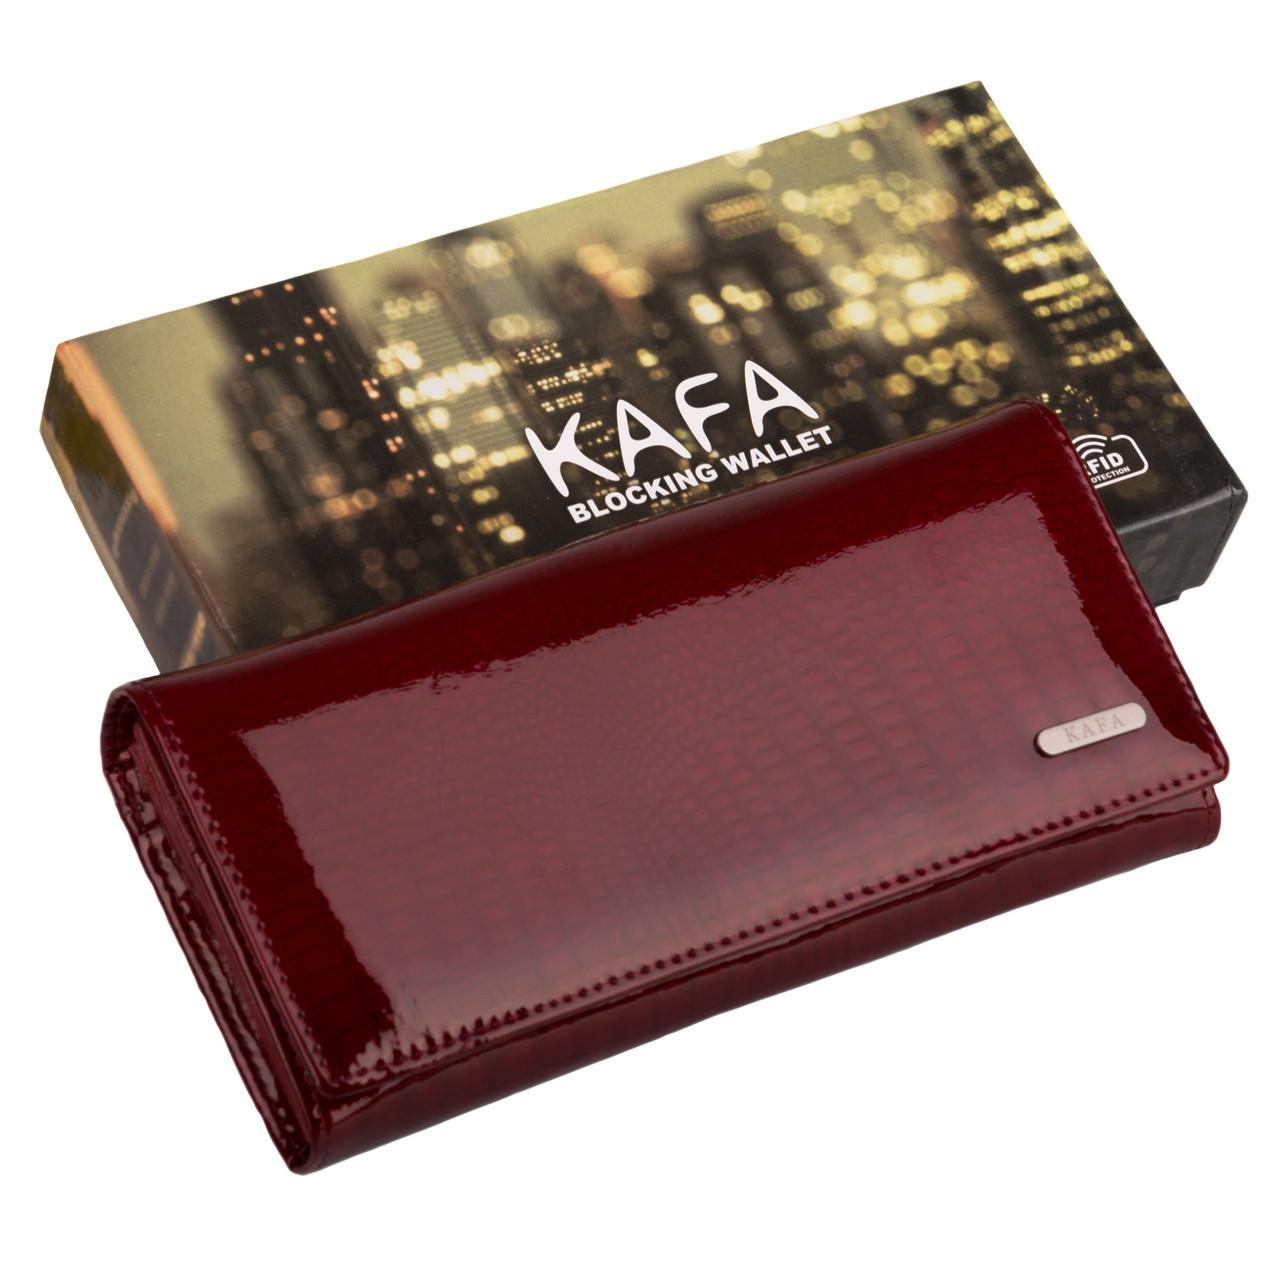 fab46bf1d650 Кошелек женский кожаный лаковый Kafa с RFID защитой (AE150 red) - MODNA  FISHKA в